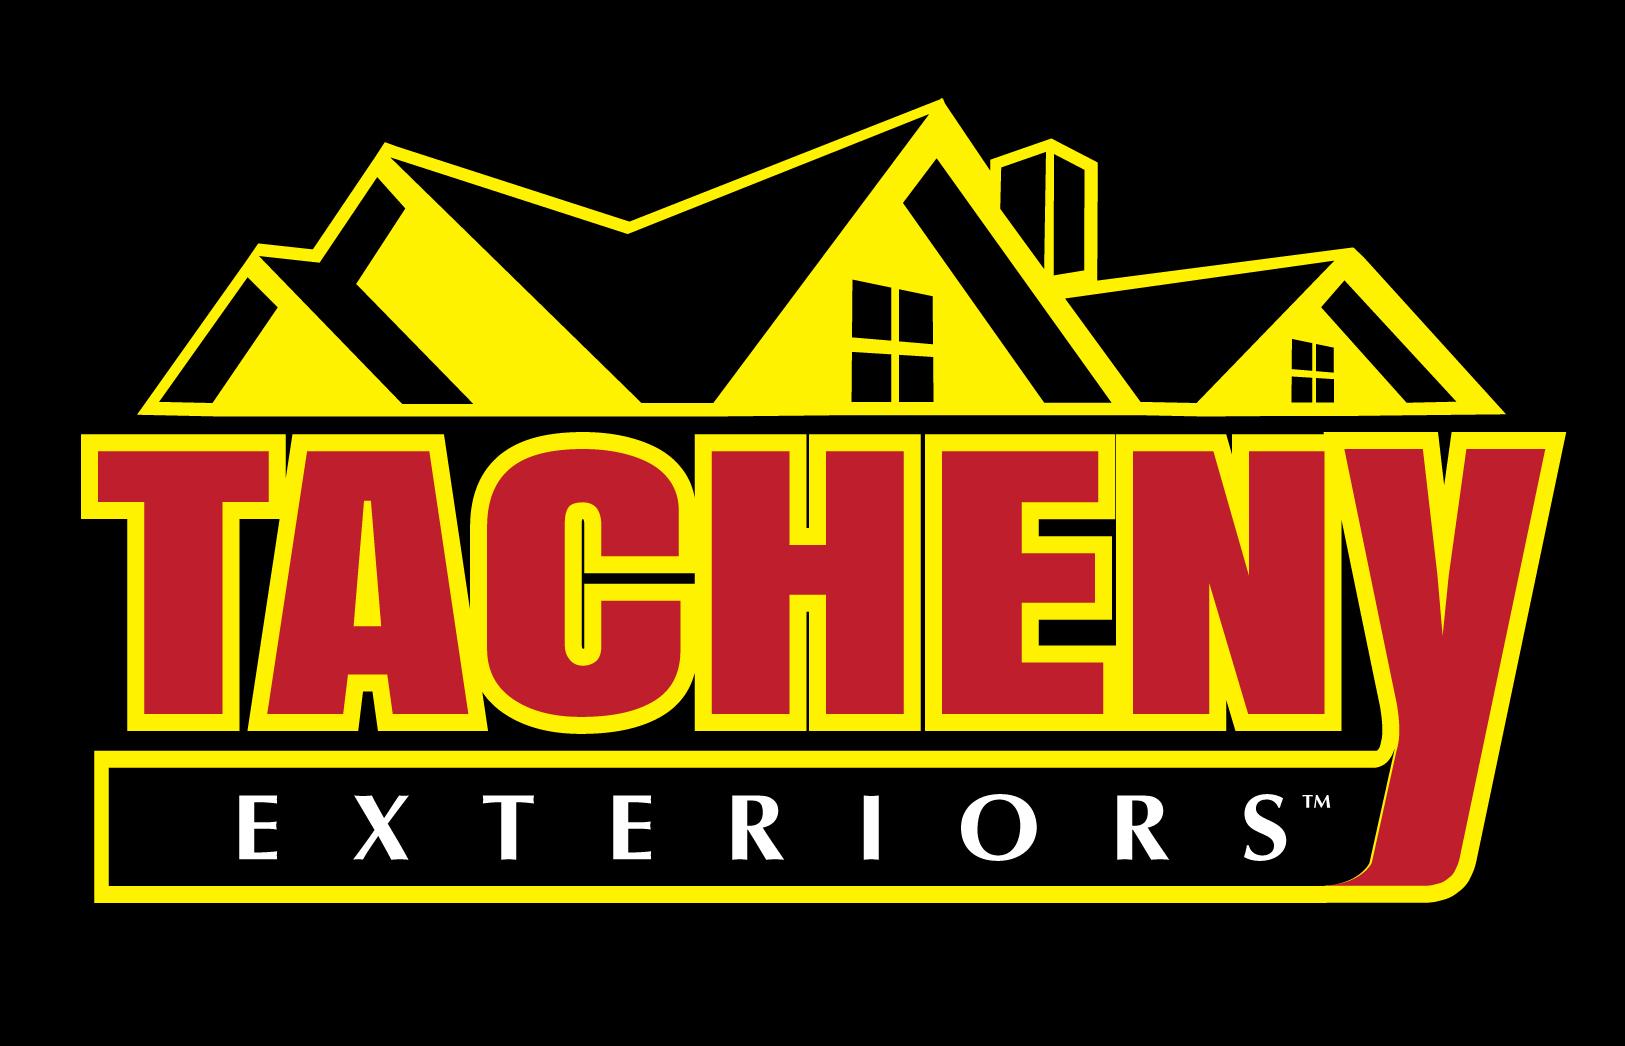 Tacheny Exteriors.